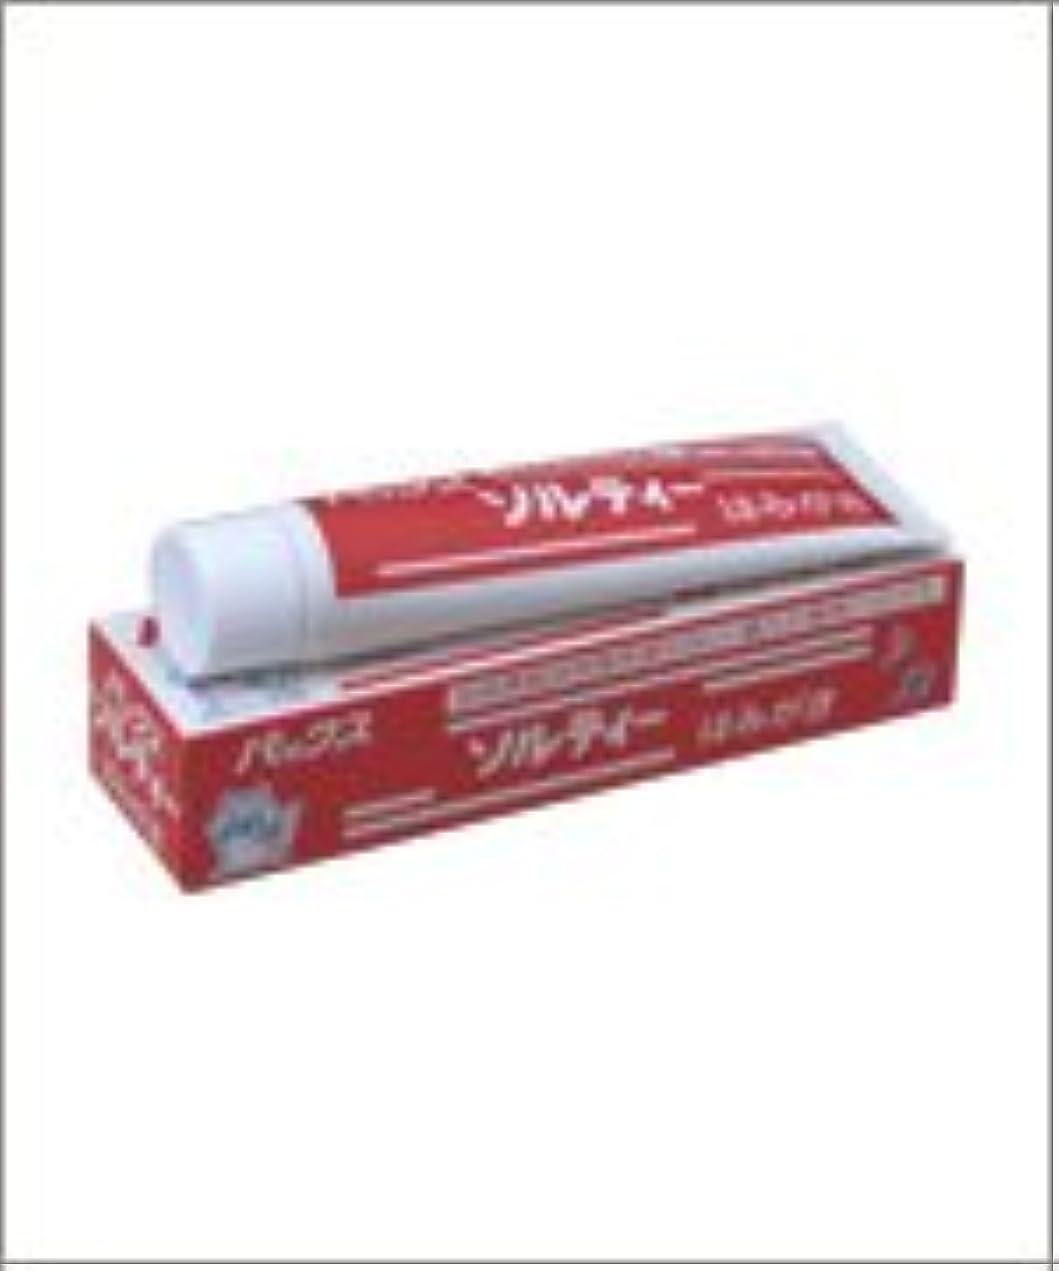 ポップ欠陥積分太陽油脂 パックス?ソルティハミガキ(無添加石けん歯磨き)80g  4ケース(40本入り)